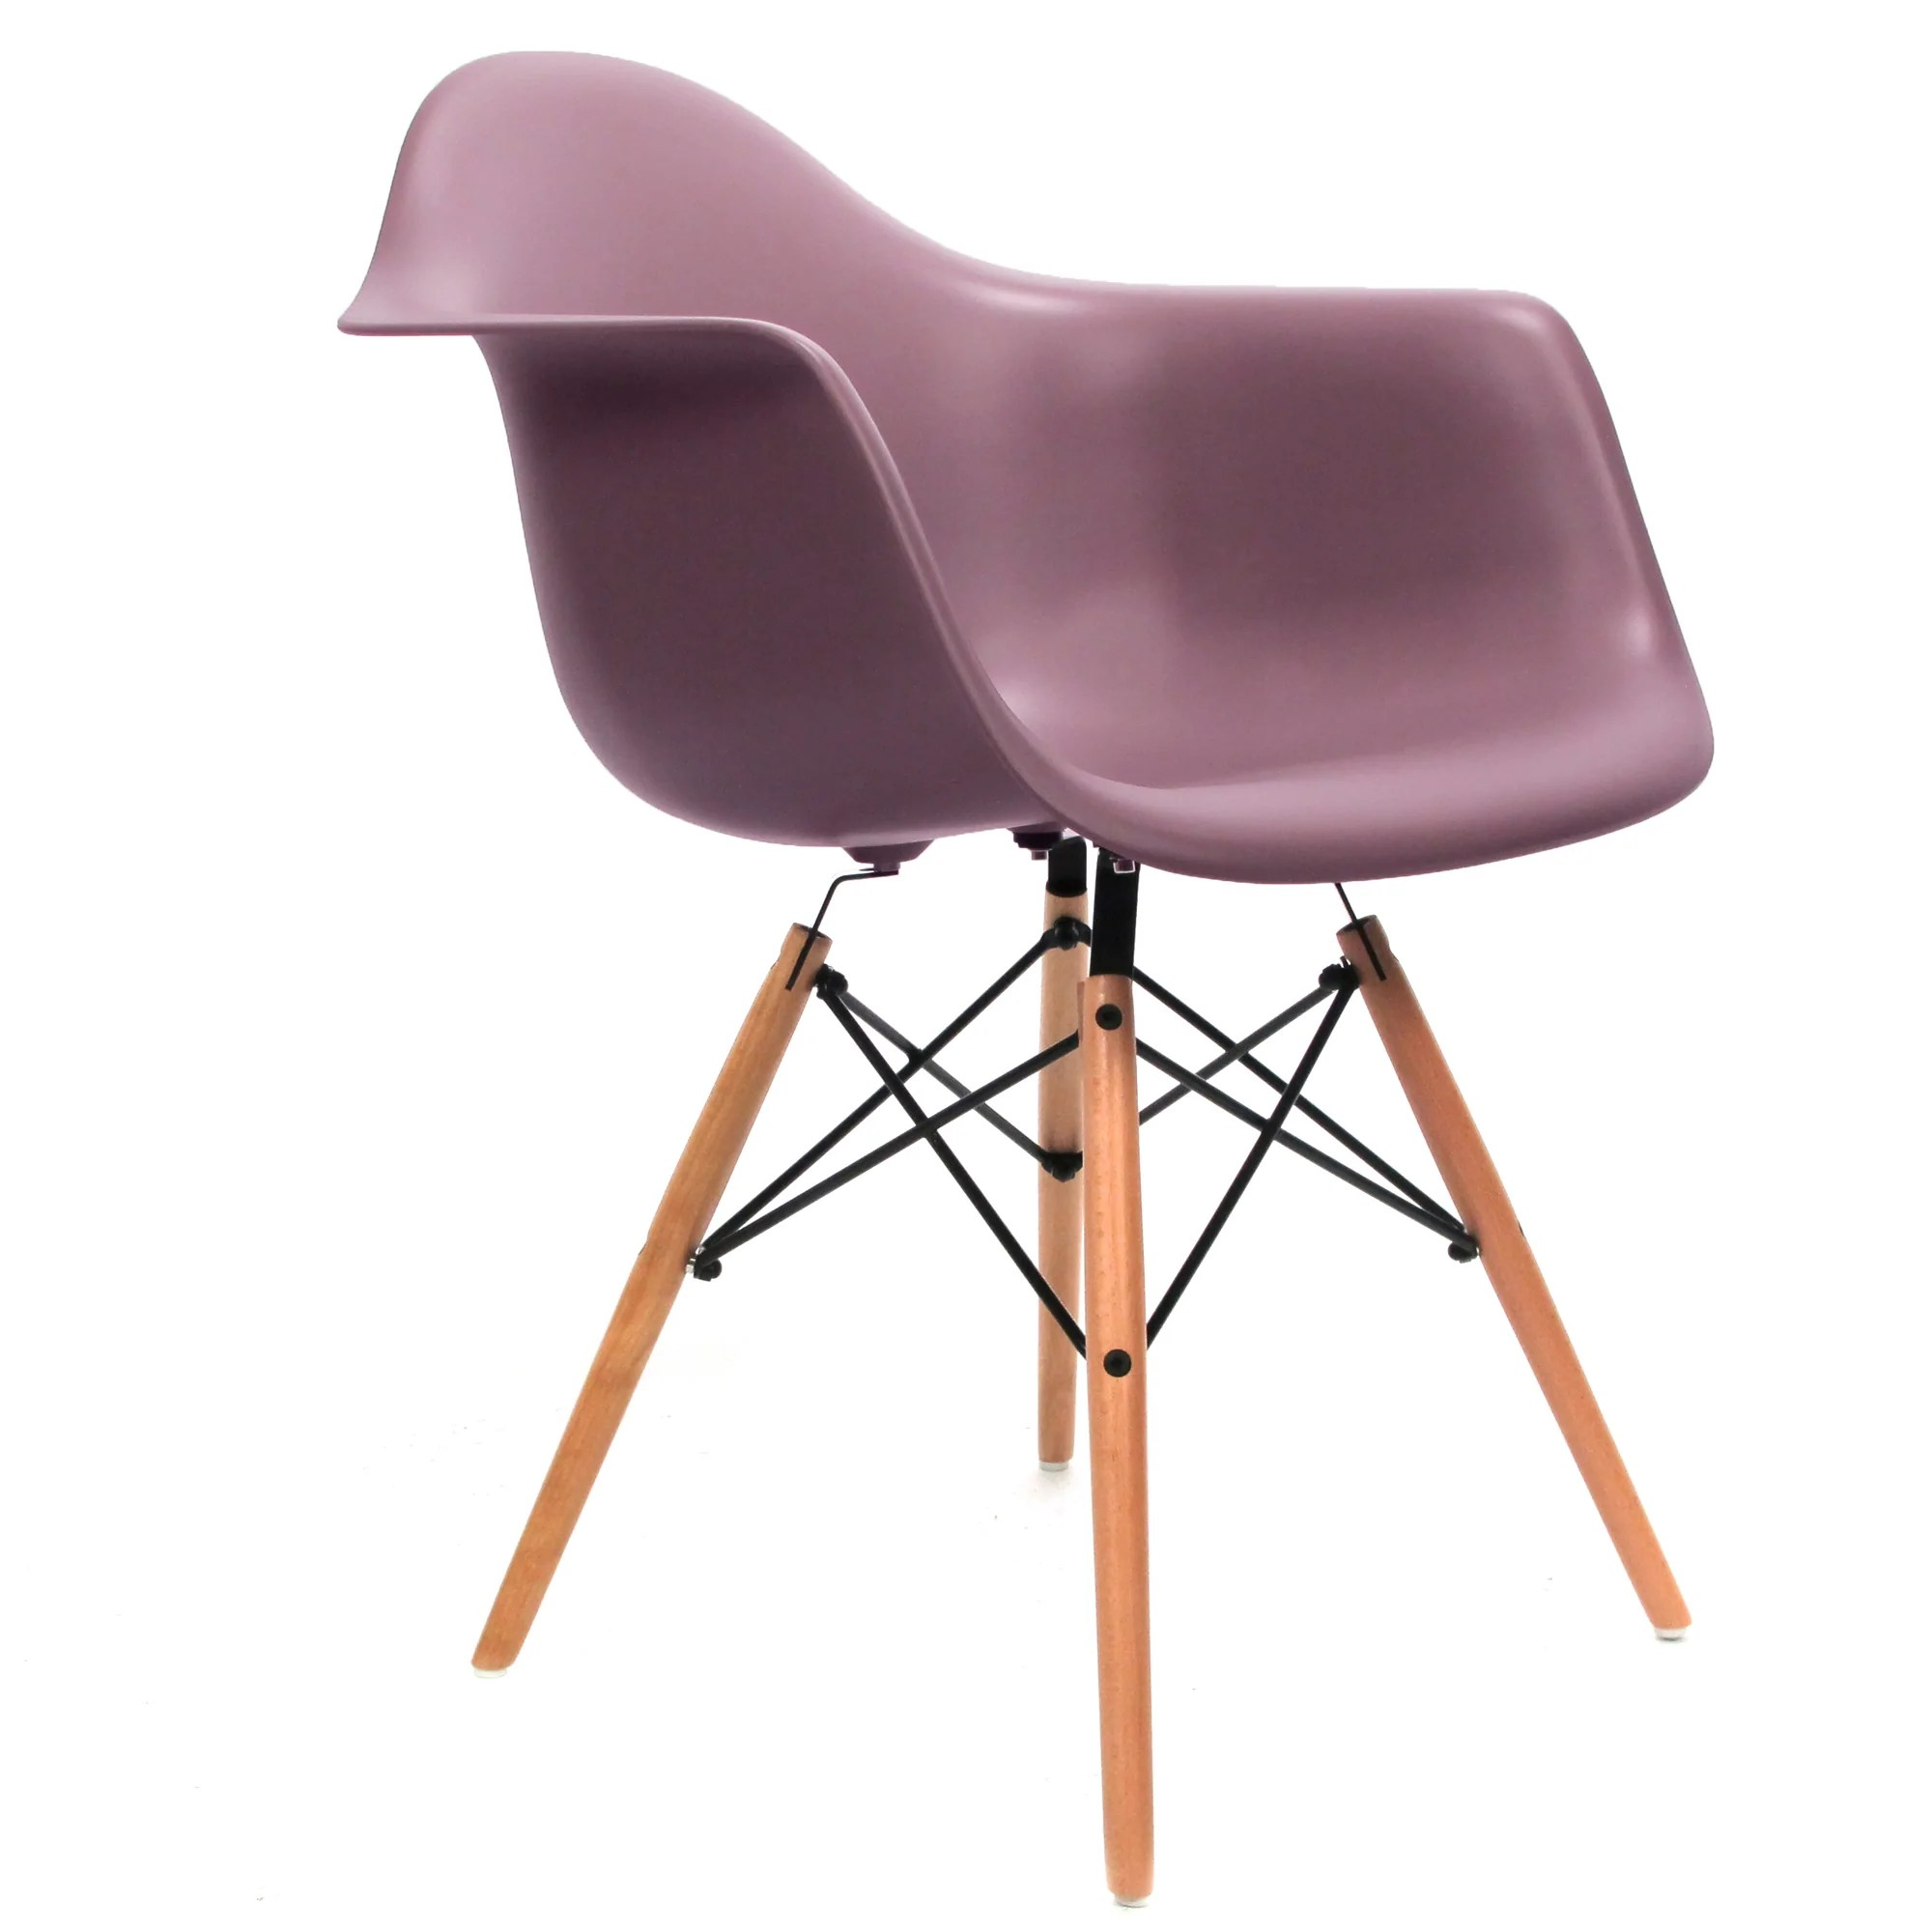 Eames DAW Stuhl mauve grau   Charles & Ray Eames – Furnpact